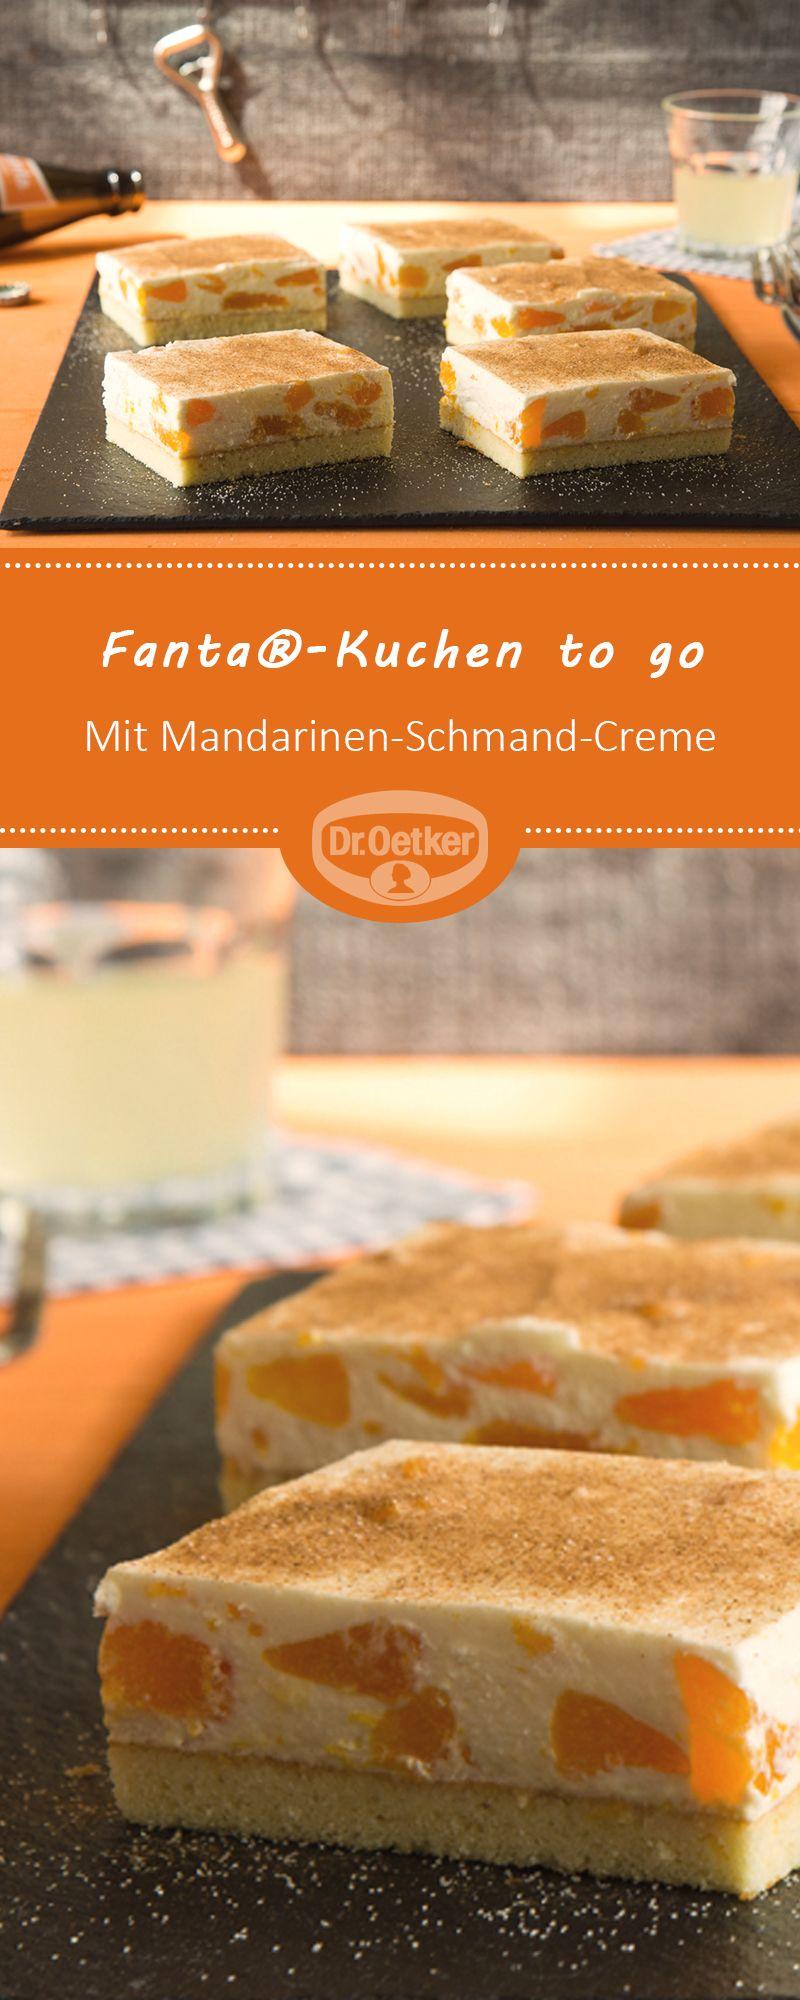 Fanta Kuchen To Go Receta En 2018 Deutsche Rezepten Pinterest